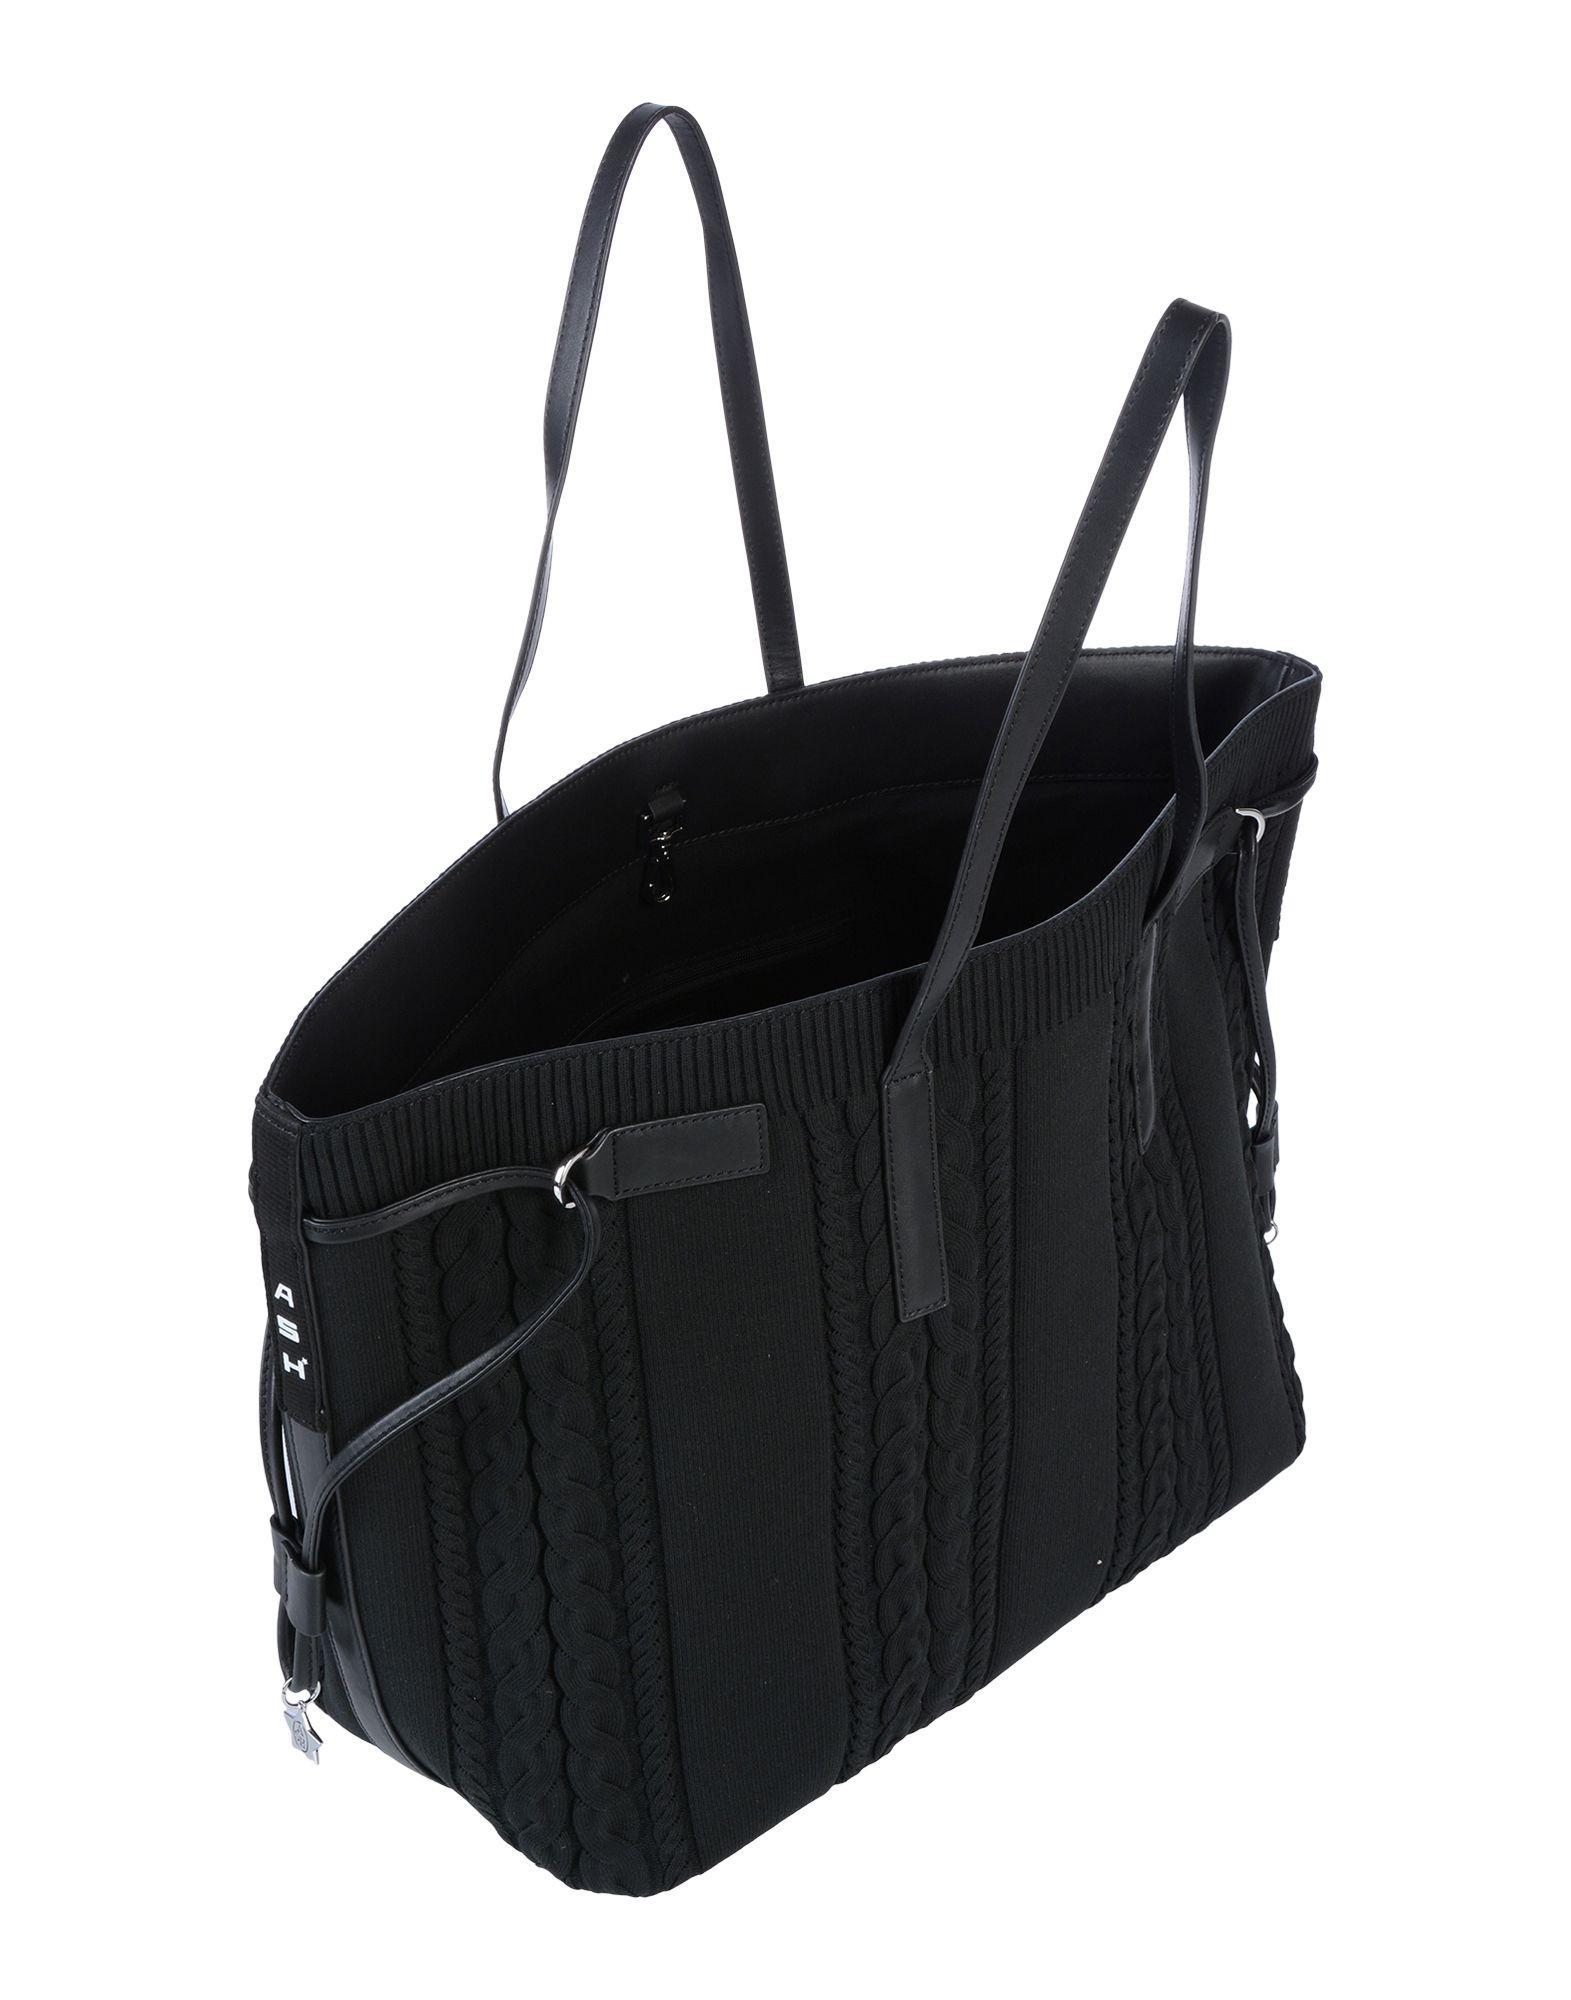 Ash Leder Handtaschen in Schwarz 41pw1